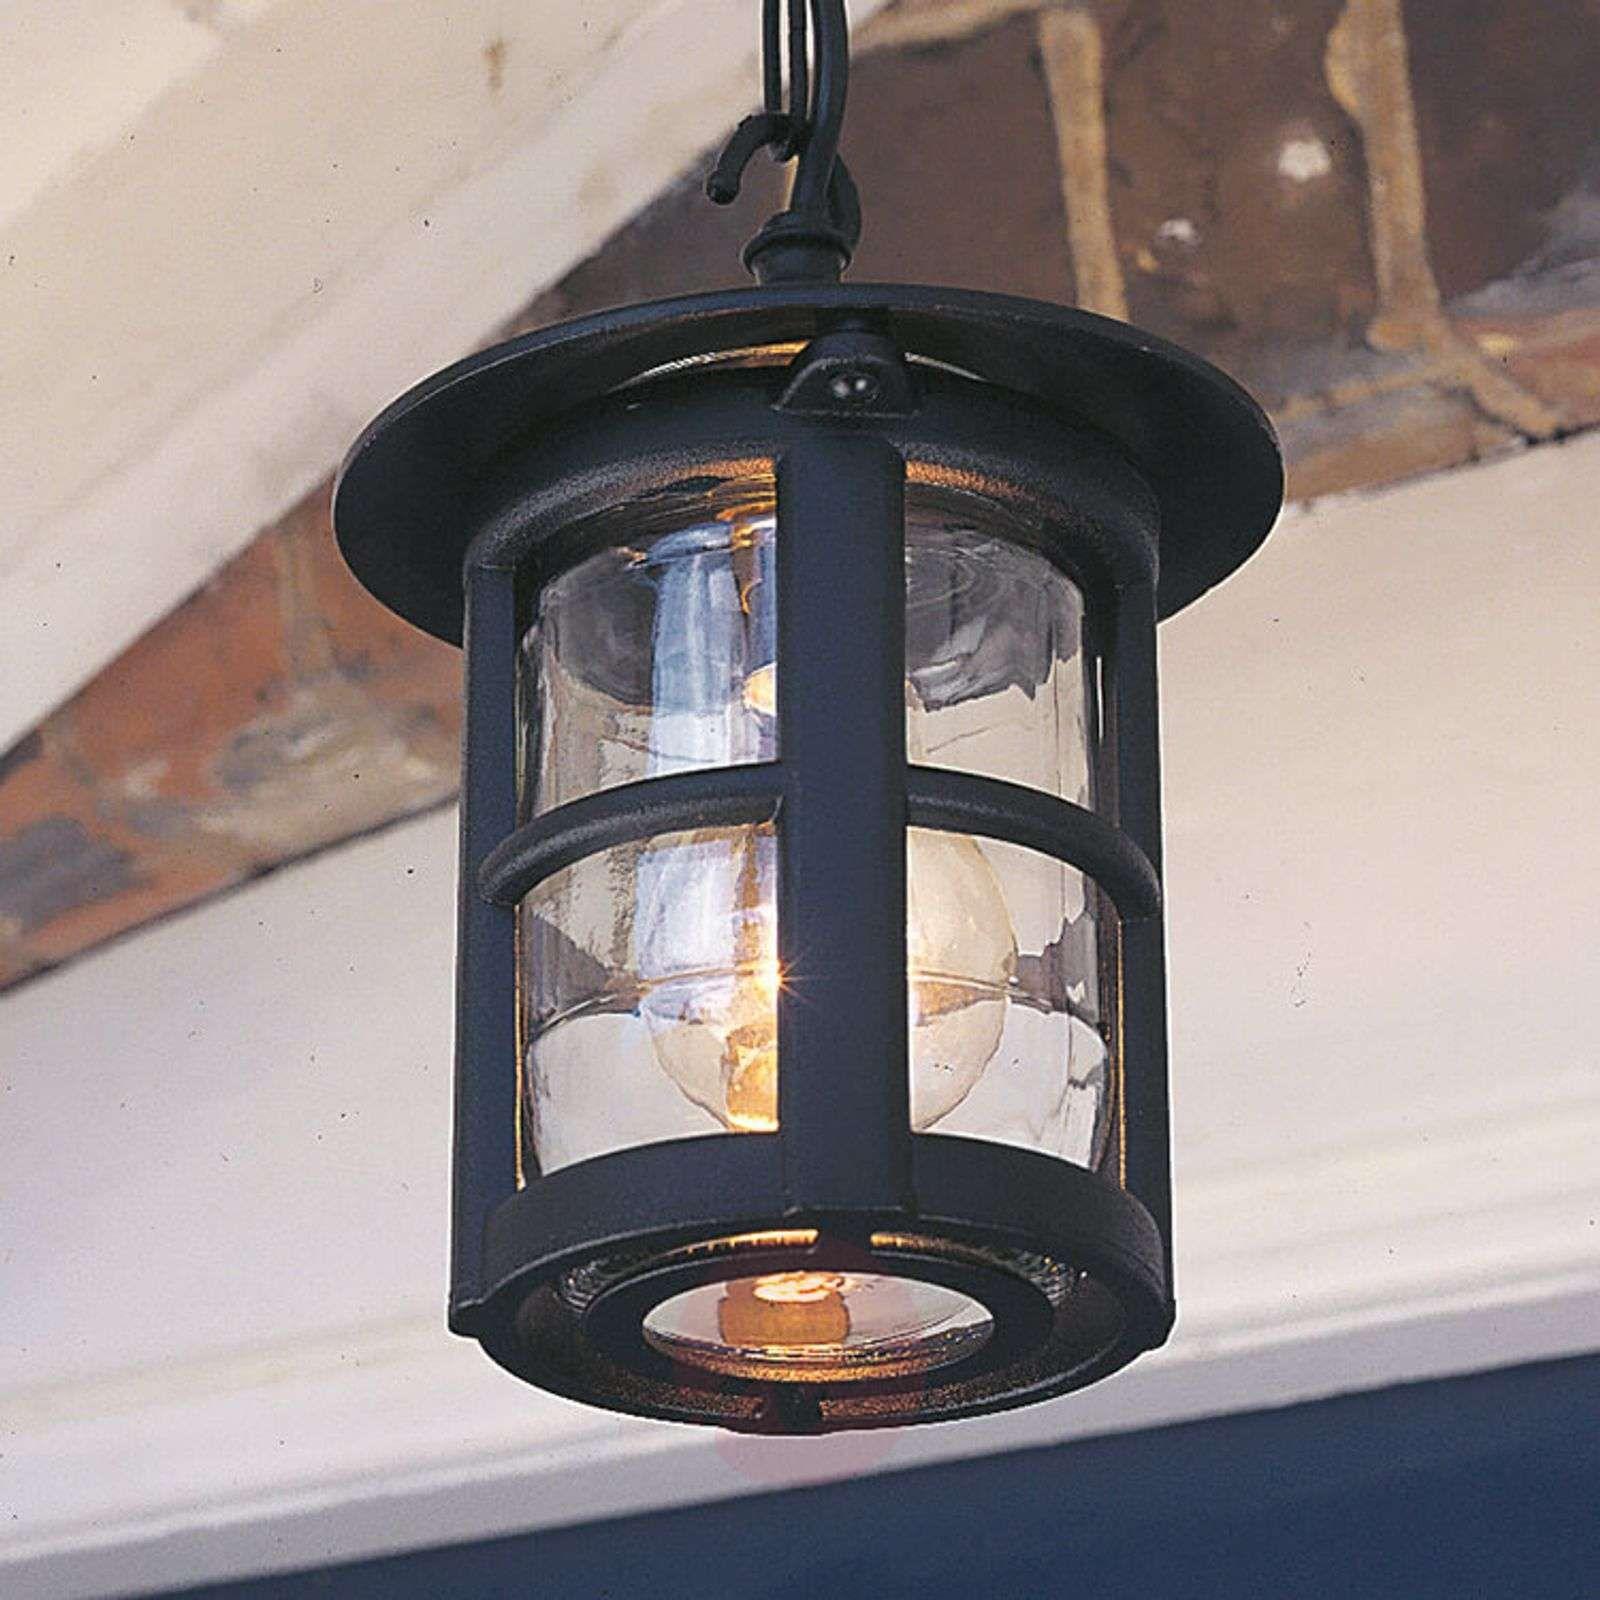 Zewnętrzna lampa wisząca Hereford   Lampy, Hereford, Lampy